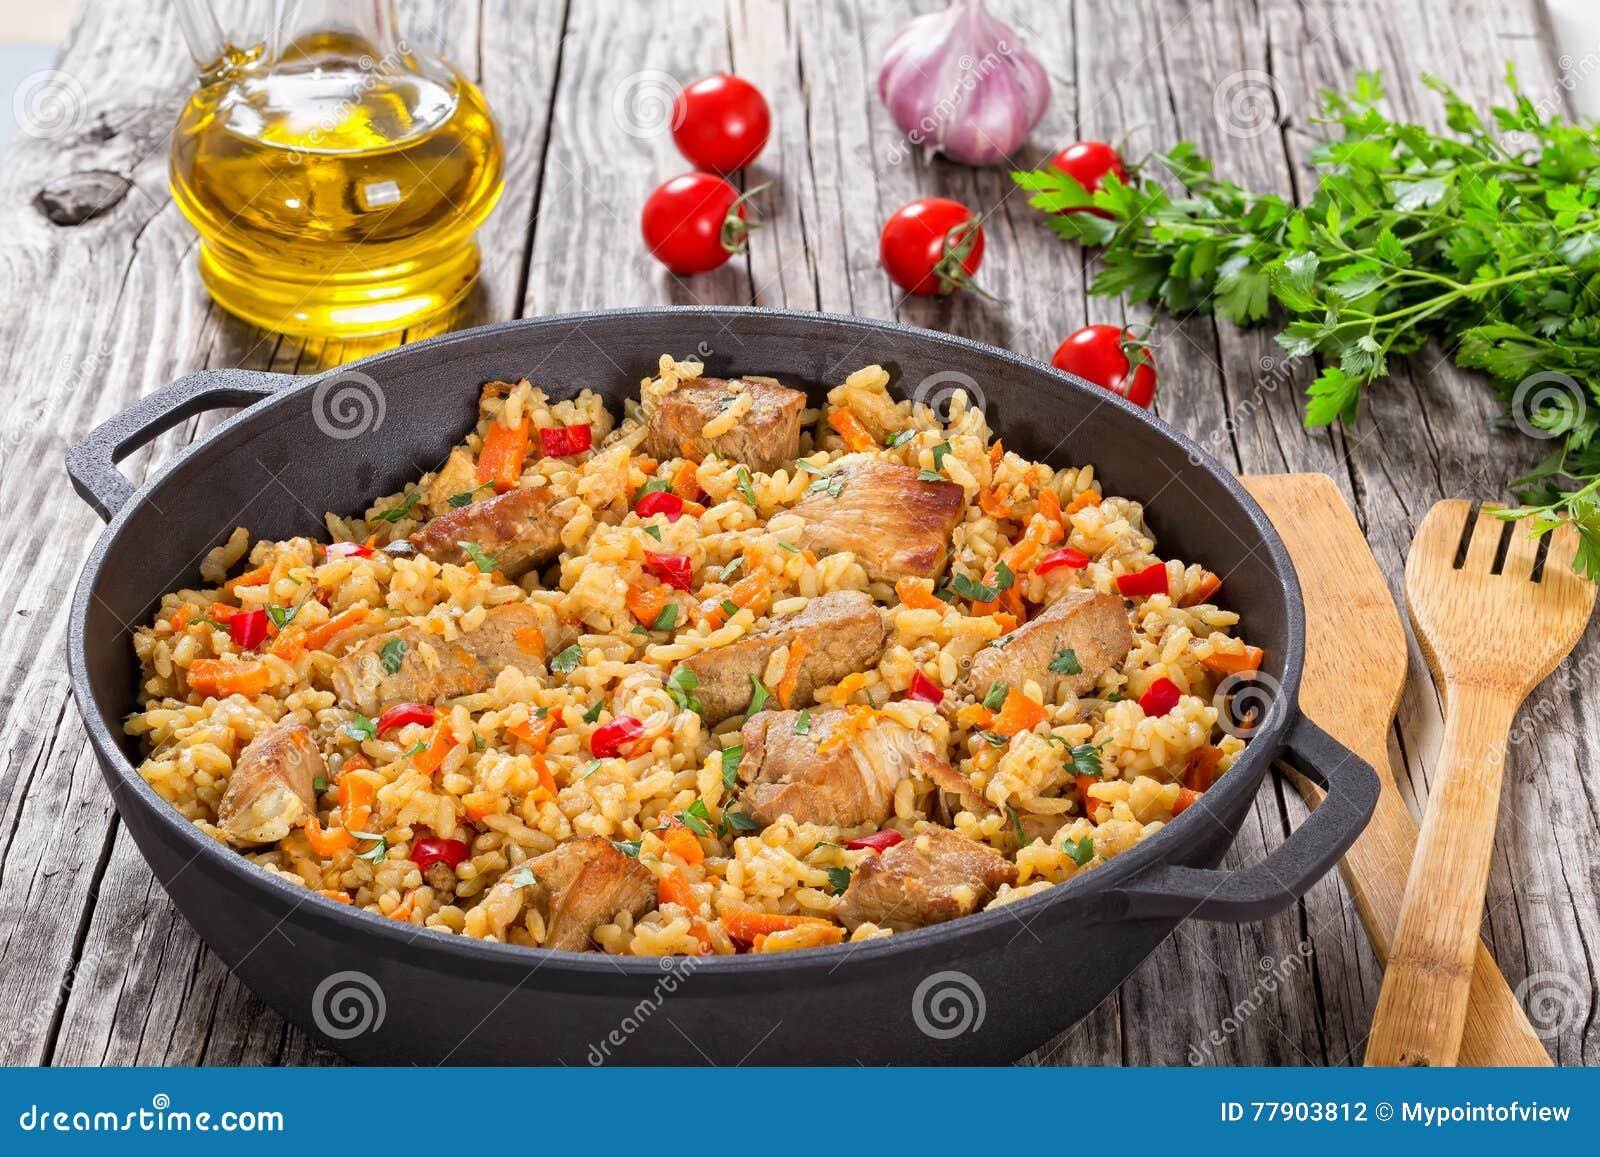 Selbst gemachte zugebereitete Paella mit Fleisch, Pfeffer, Gemüse